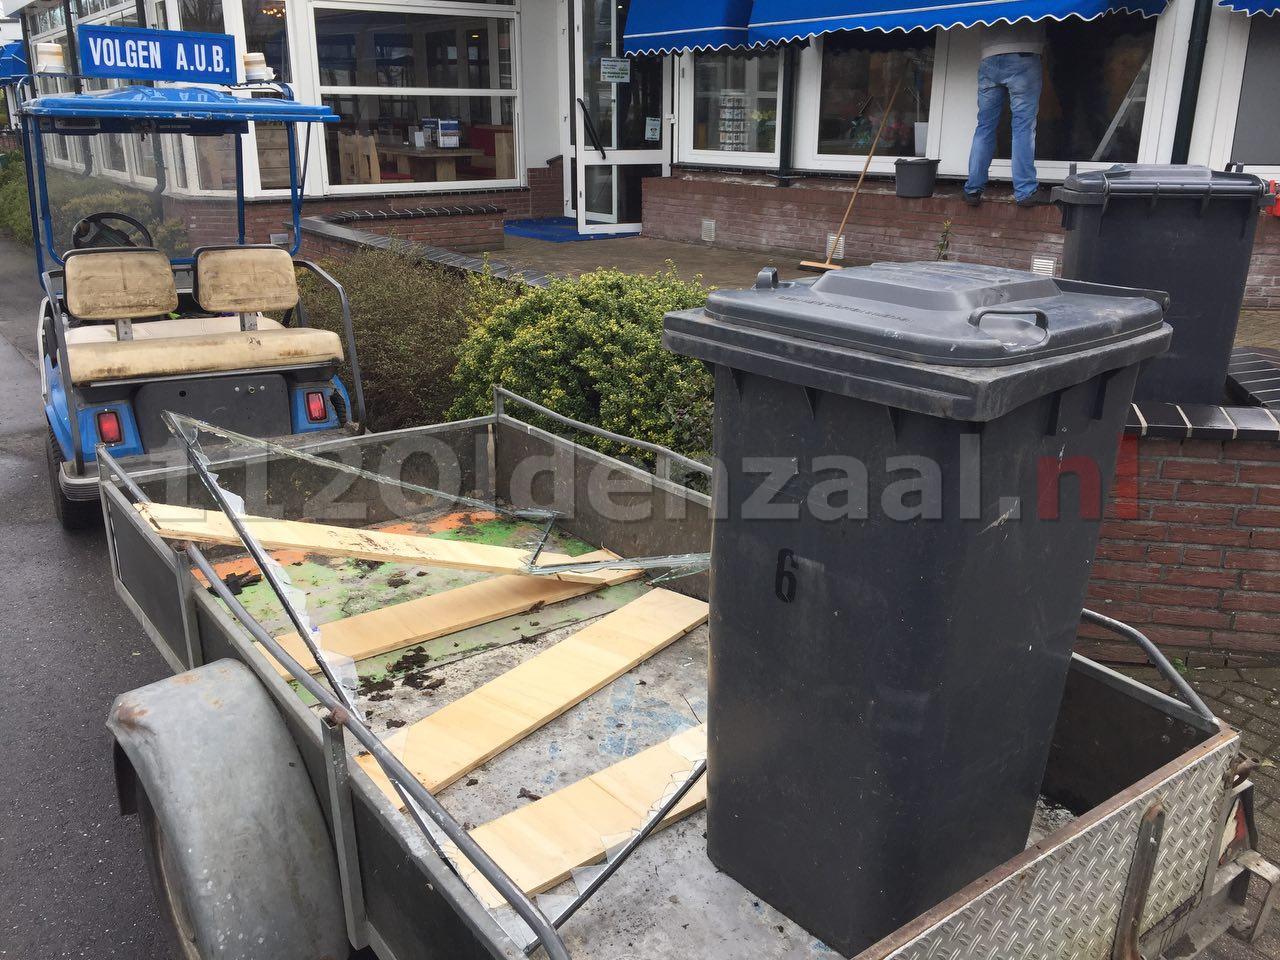 Foto 4: Inbraak bij restaurant Frans op den Bult, kluis teruggevonden